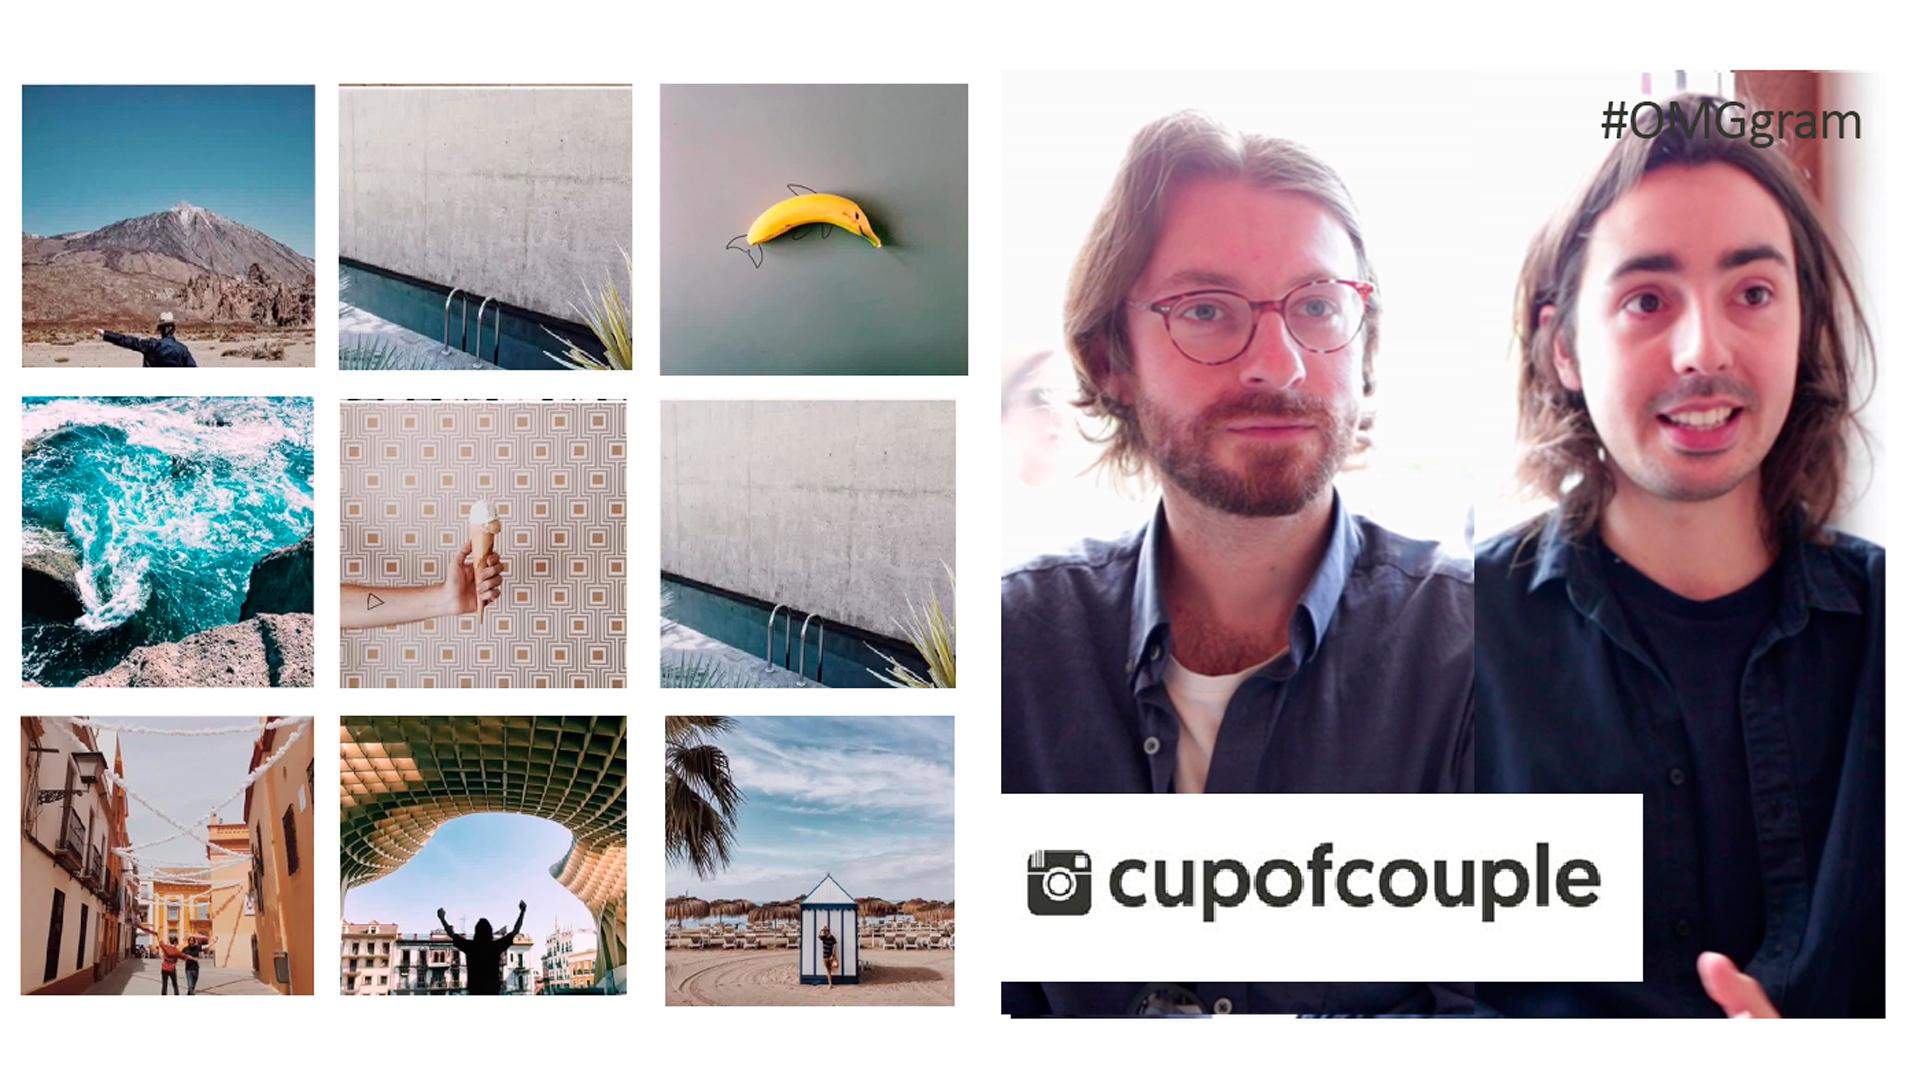 Temporada 1 @cupofcouple, el blog de moda y life style que probó suerte en Instagram